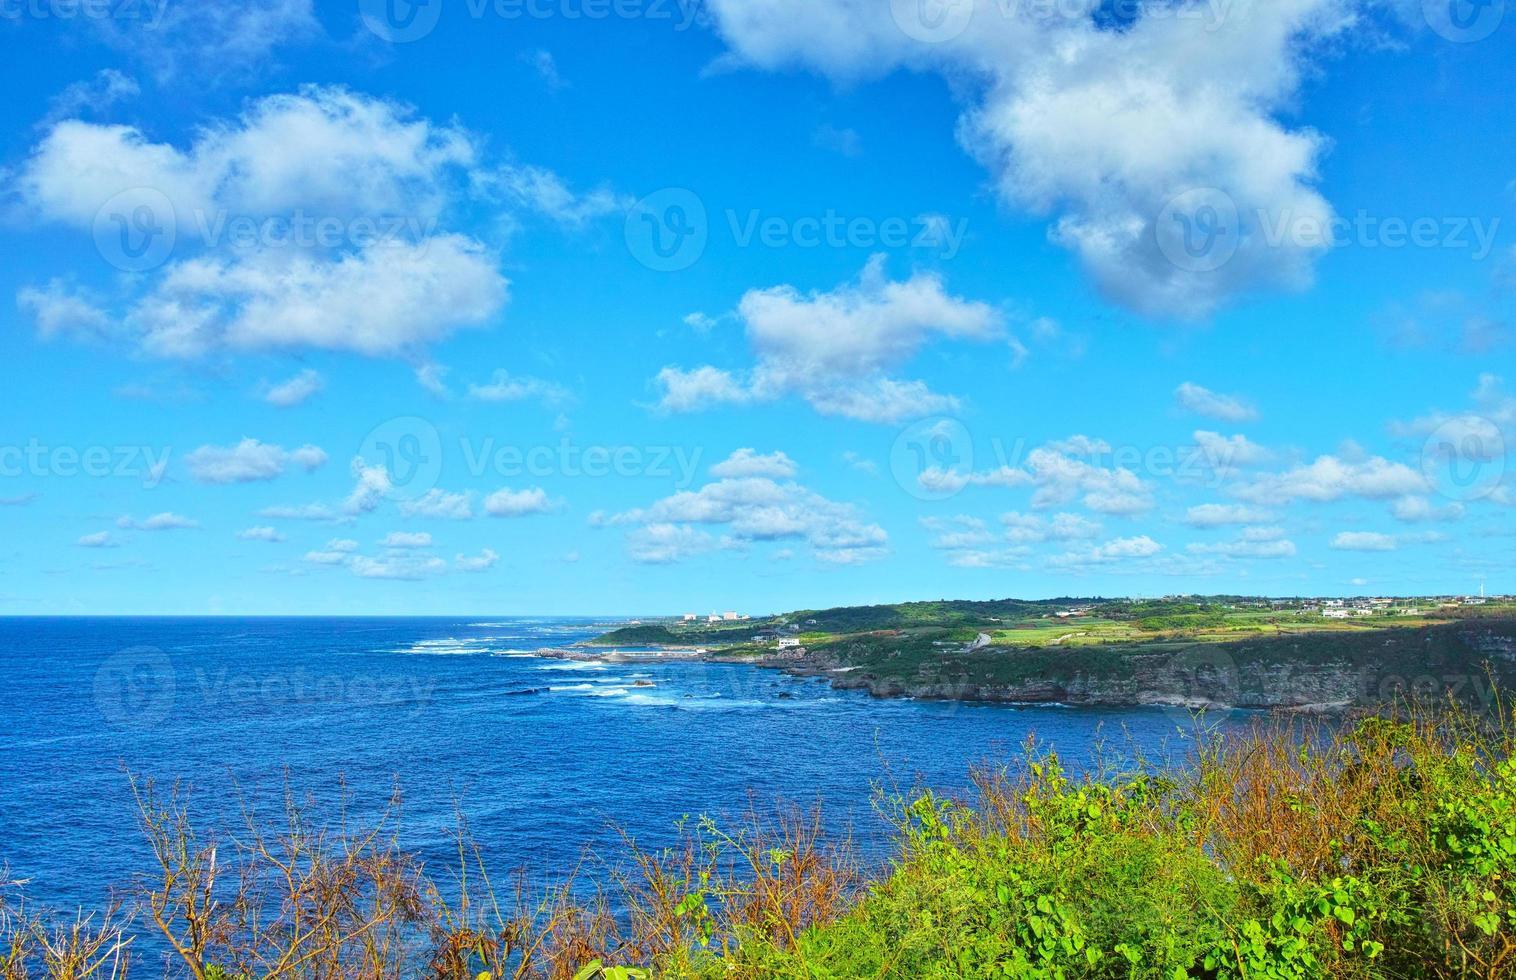 pleno verano del paisaje de la costa sur de miyakojima foto